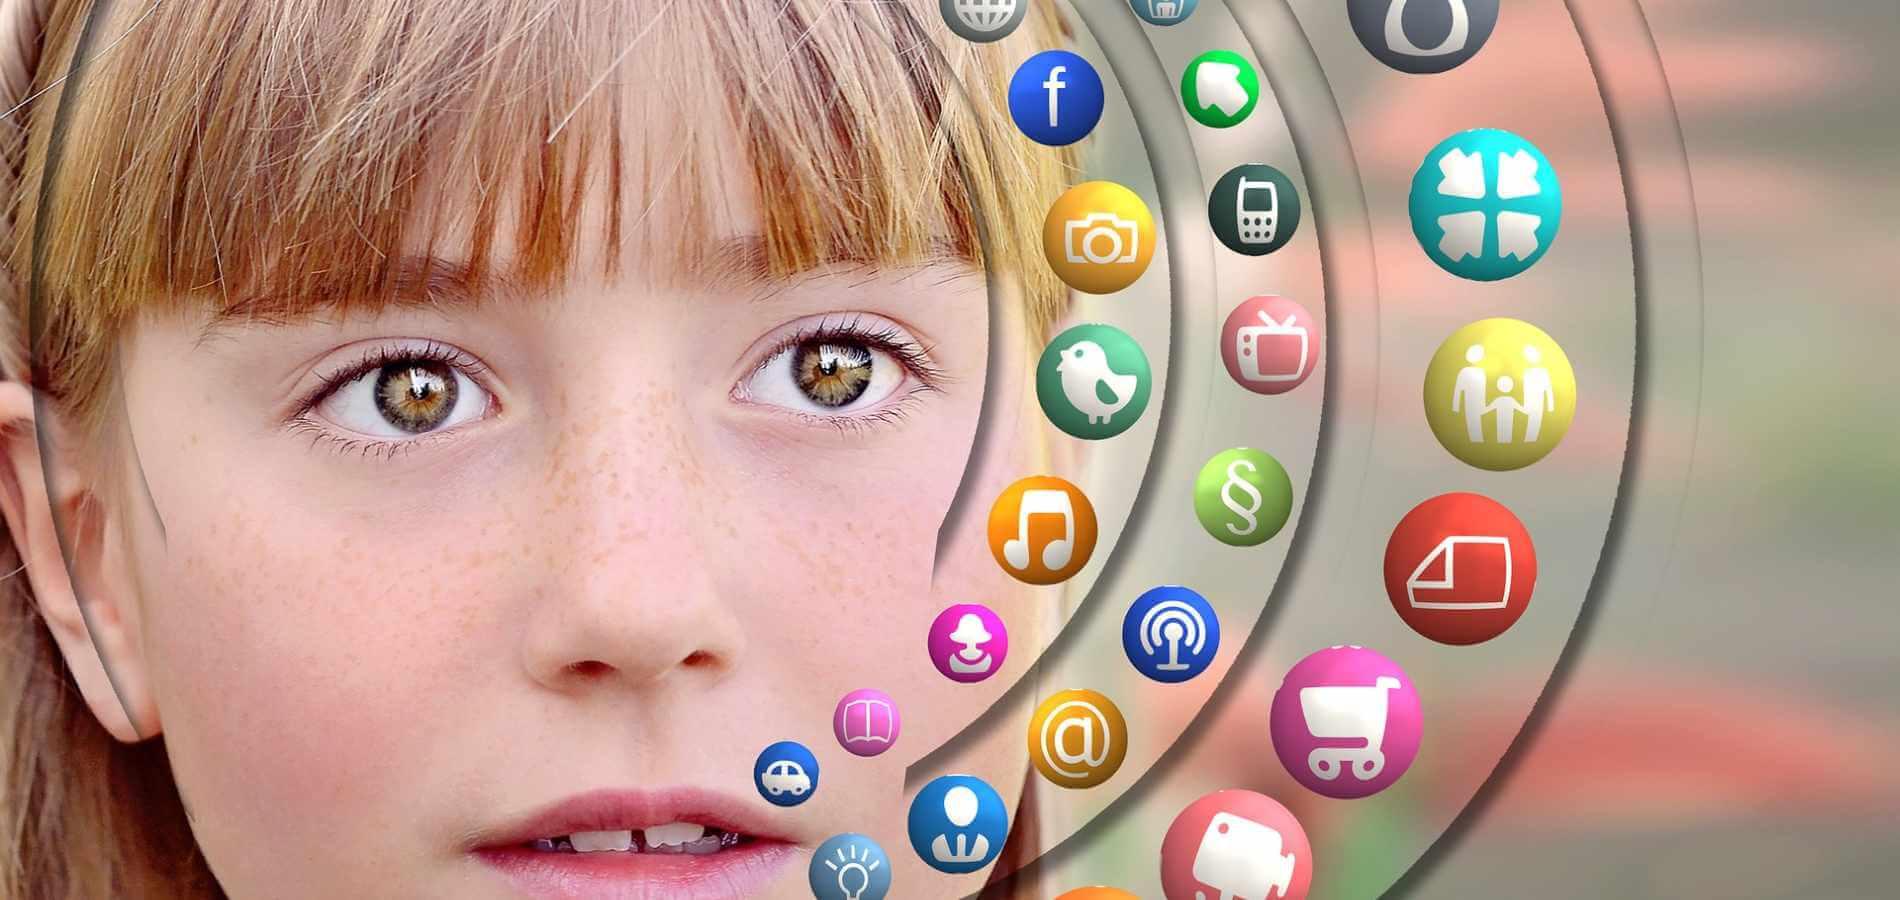 Contact Social Media Management